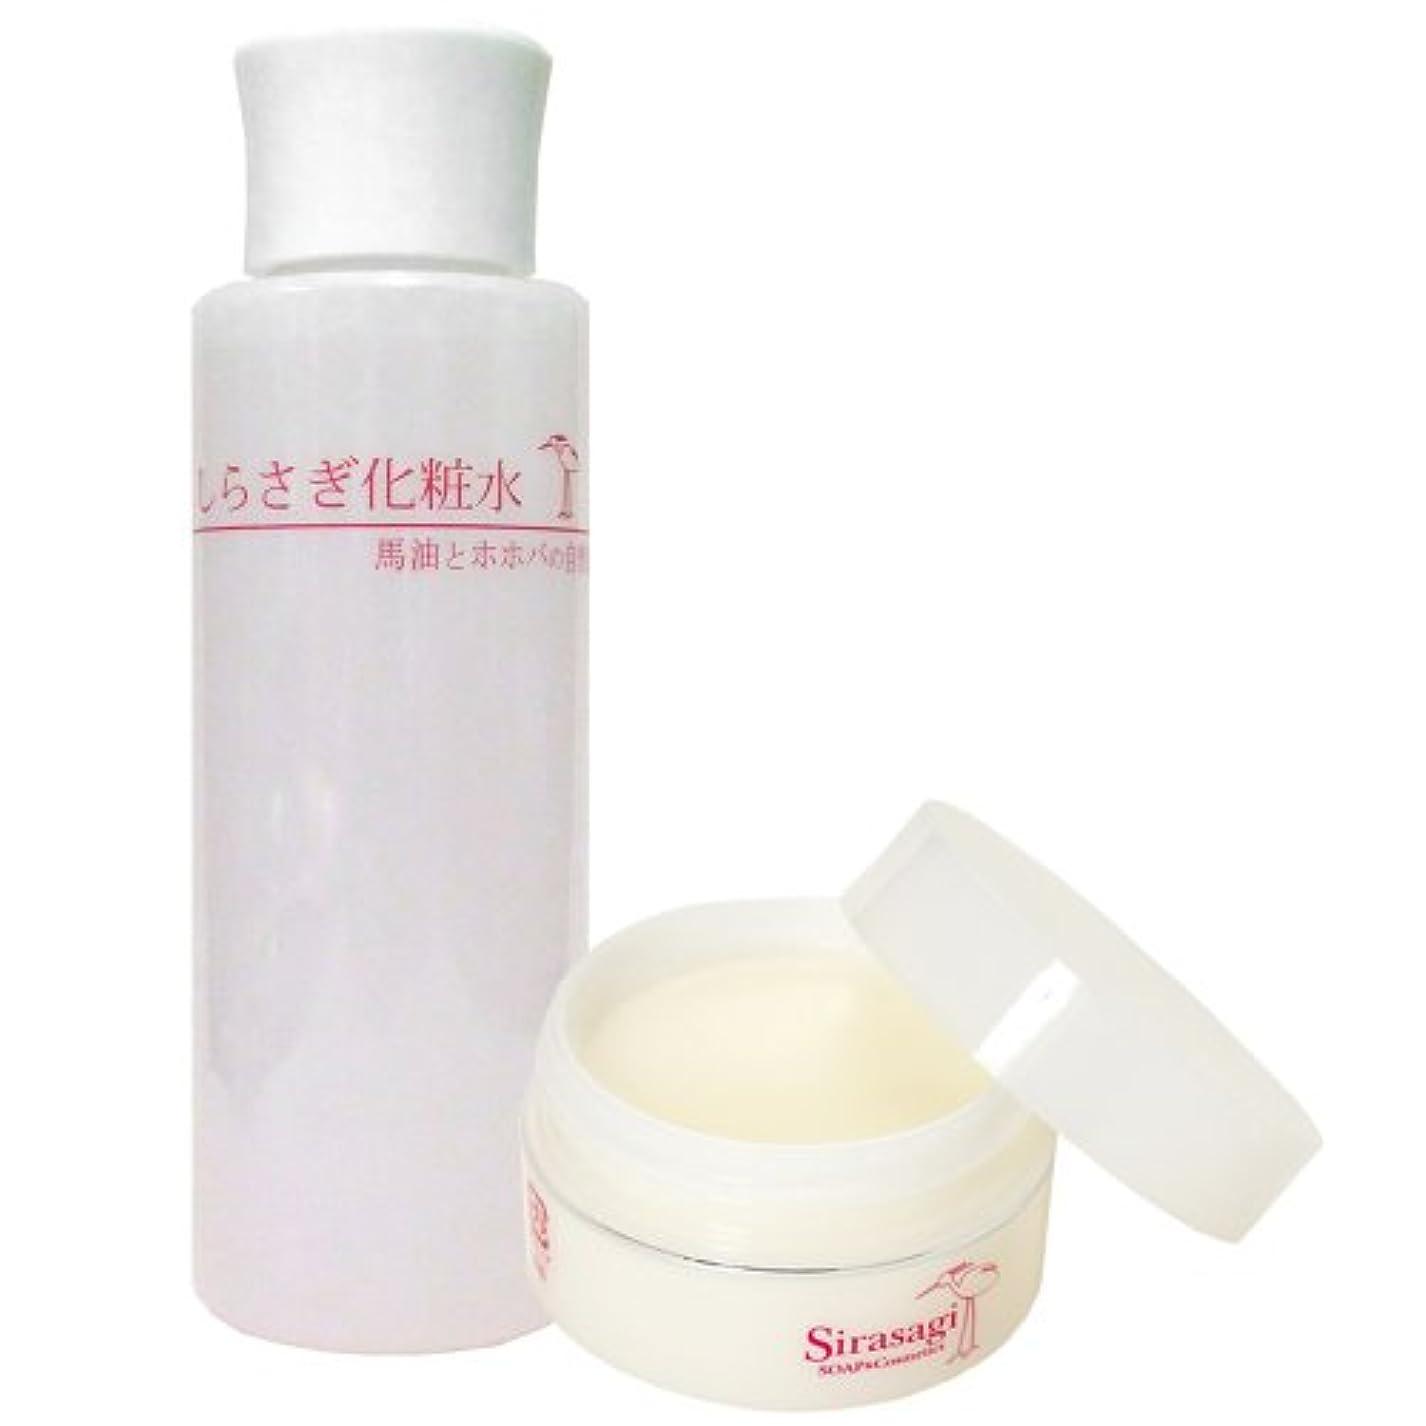 篭アンソロジー報復しらさぎクリーム(無香料)としらさぎ化粧水のセット